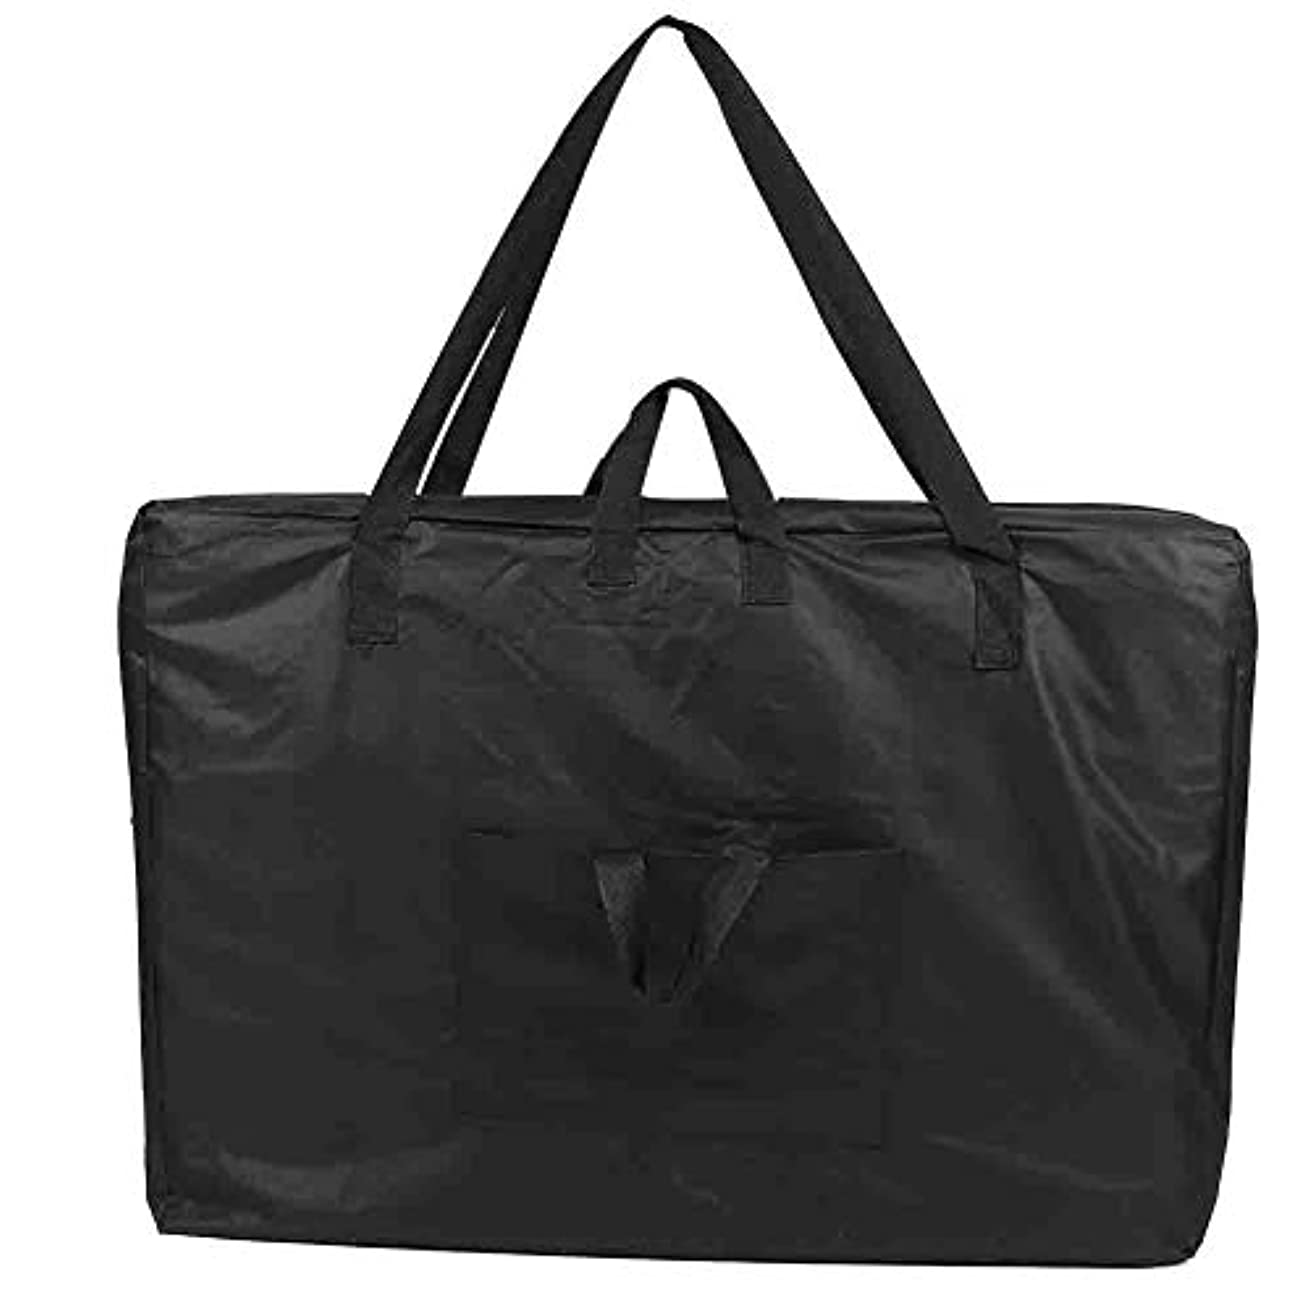 lポータブルスパテーブルマッサージベッドキャリングバッグ